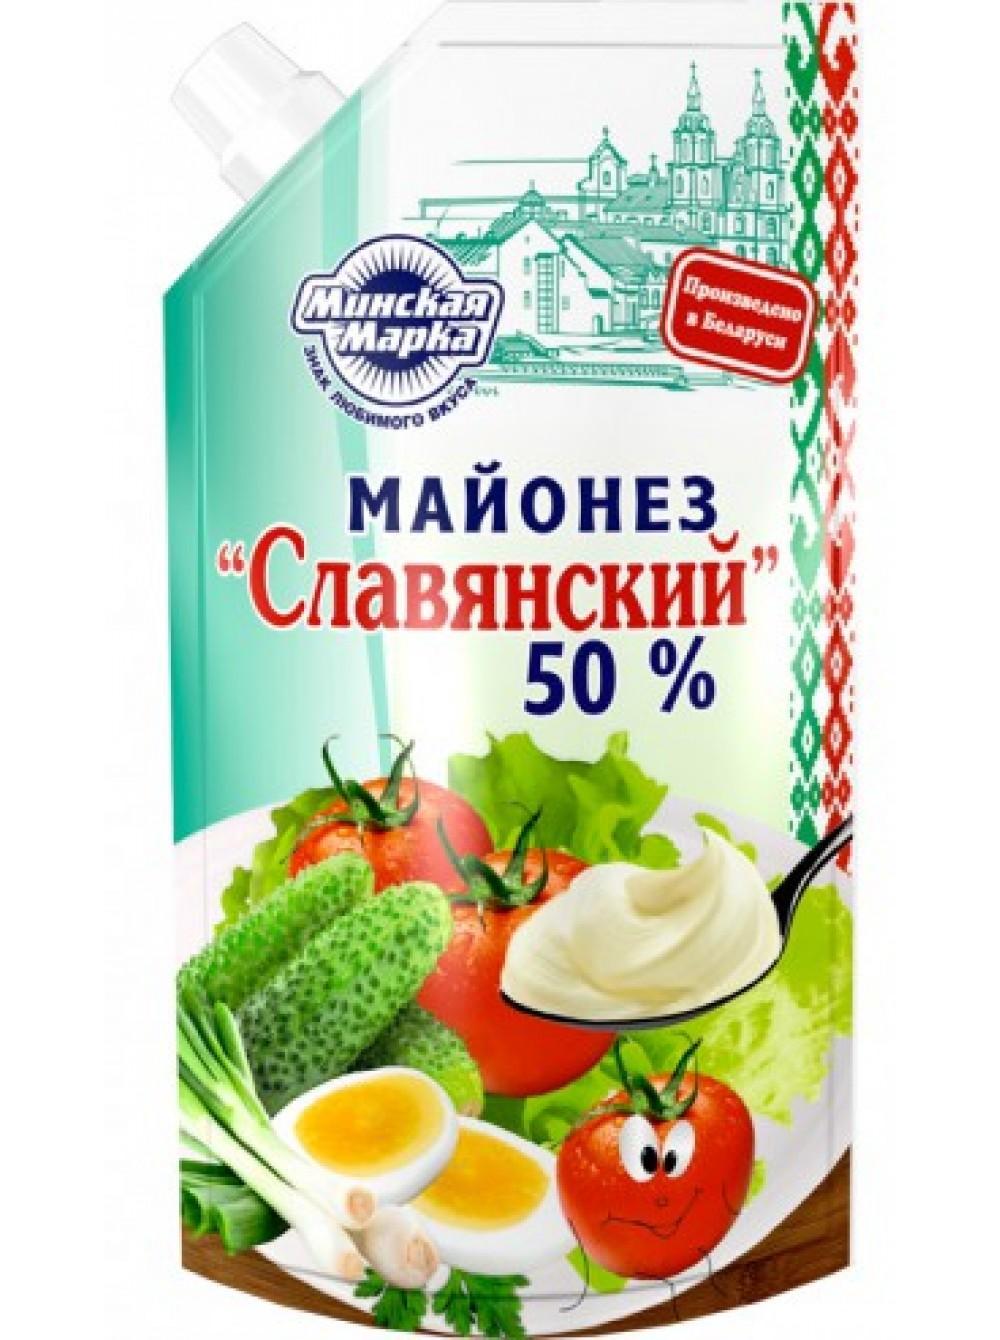 Майонез Минская Марка Славянский 50%